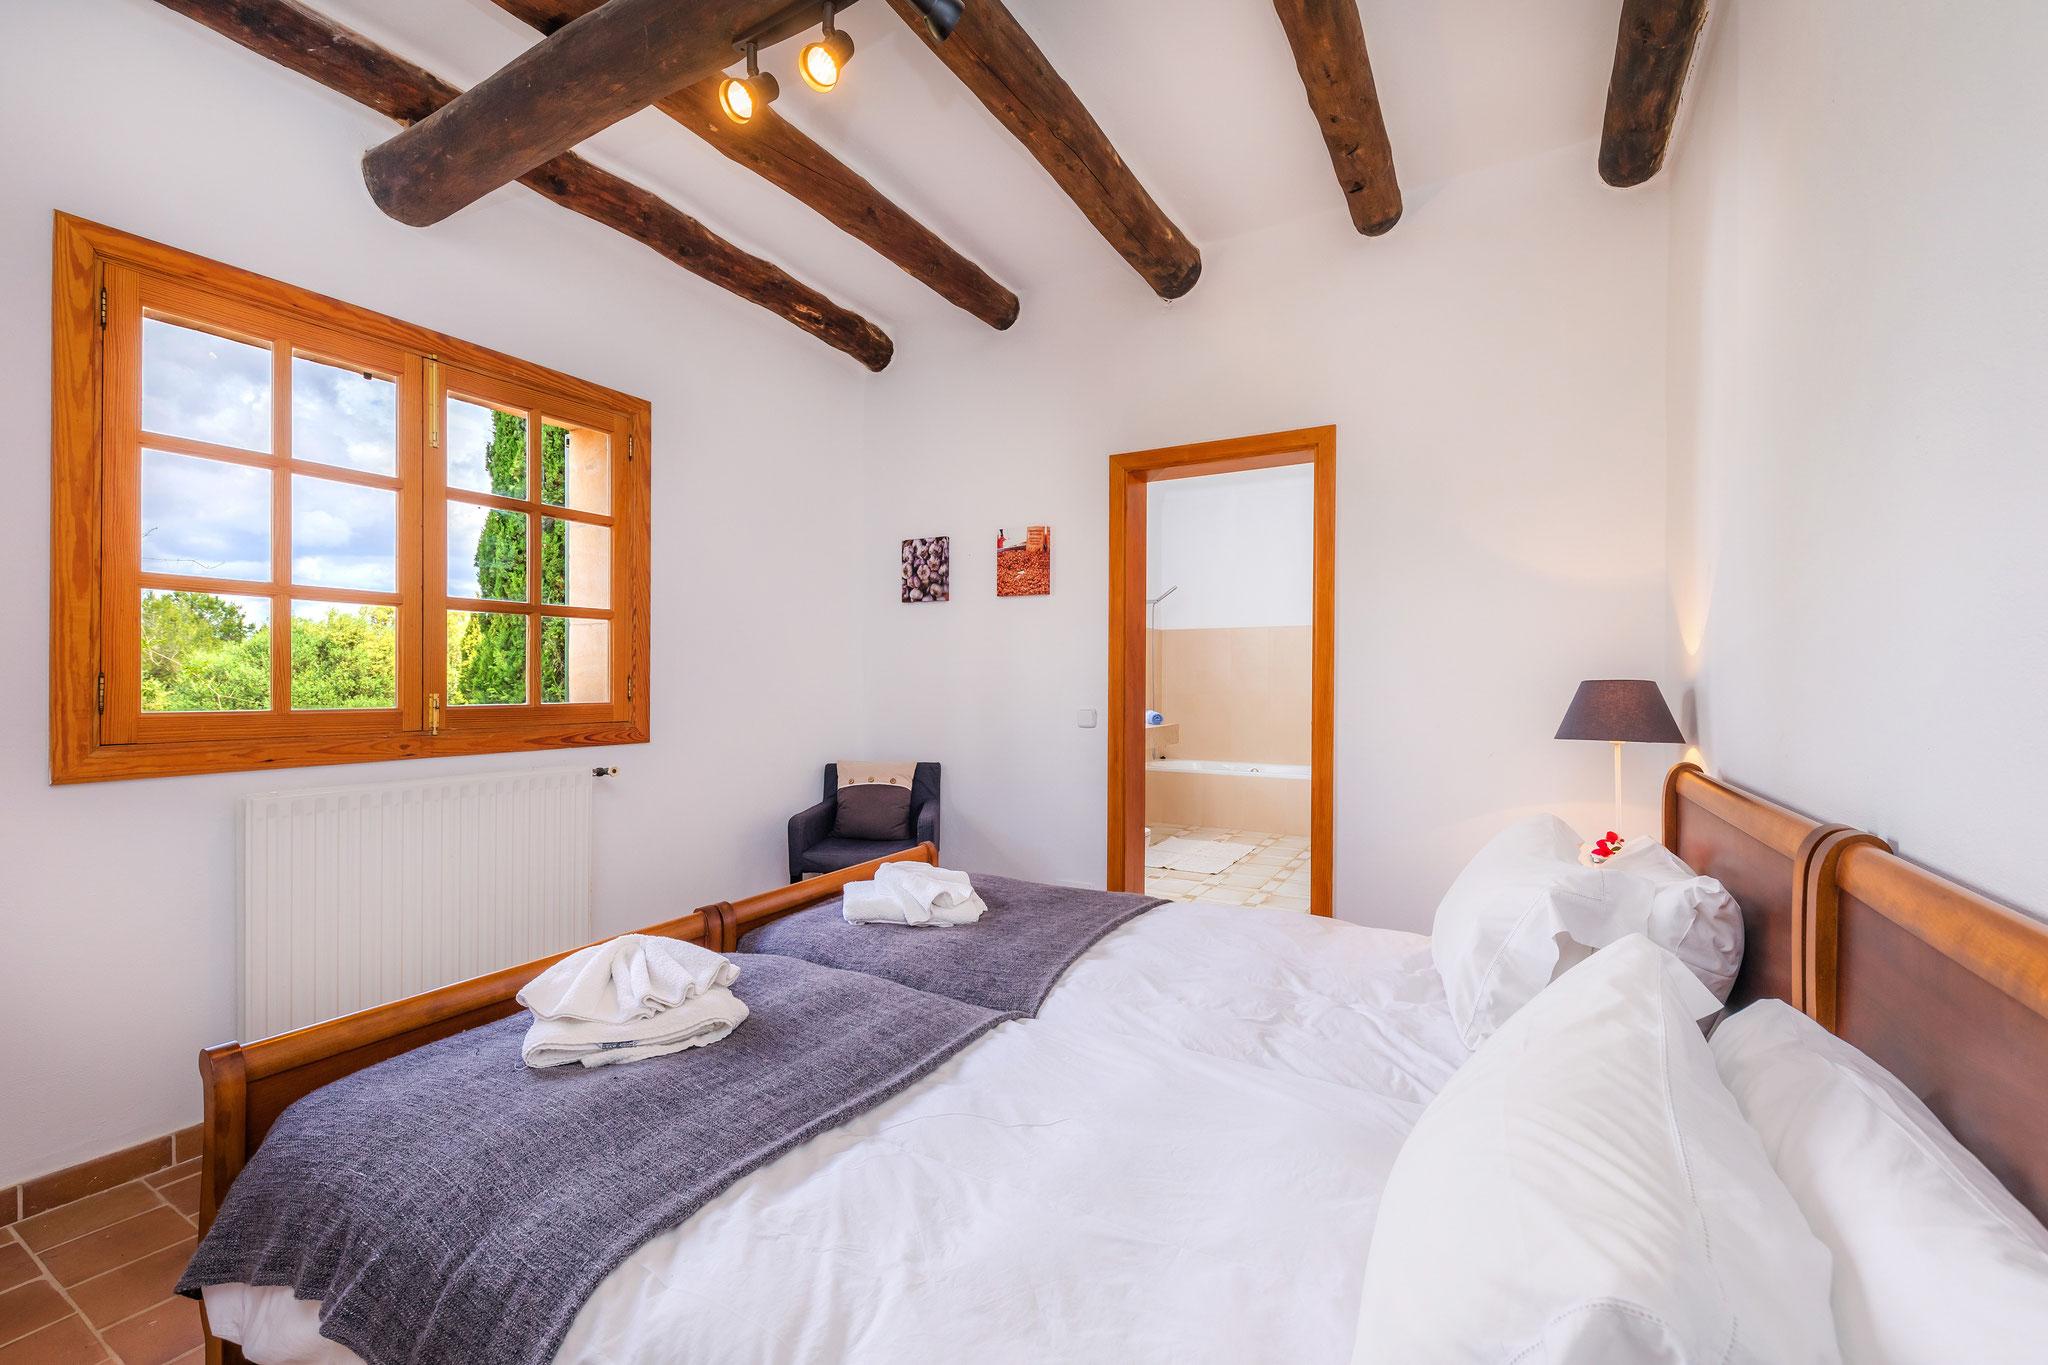 planta baja, dormitorio con dos camas individuales